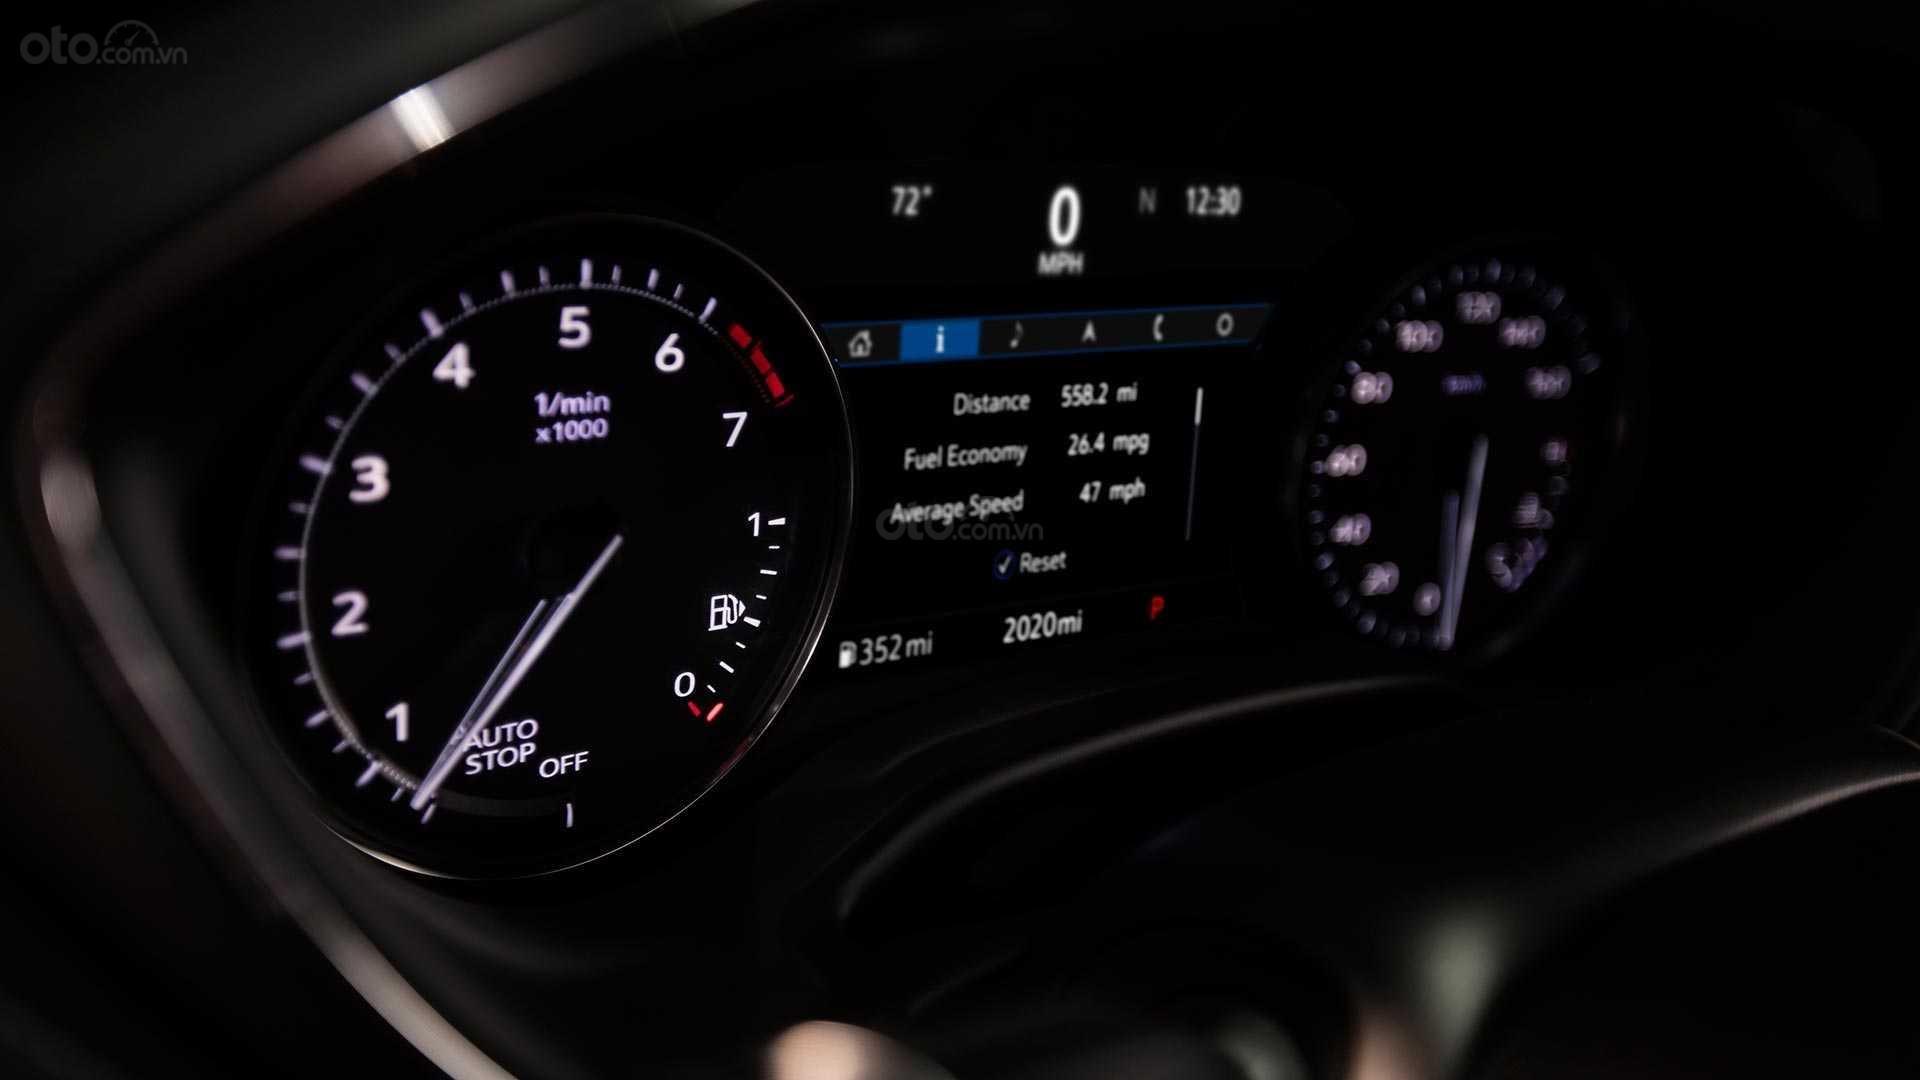 Đánh giá xe Cadillac CT5 2020 - cụm đồng hồ lái